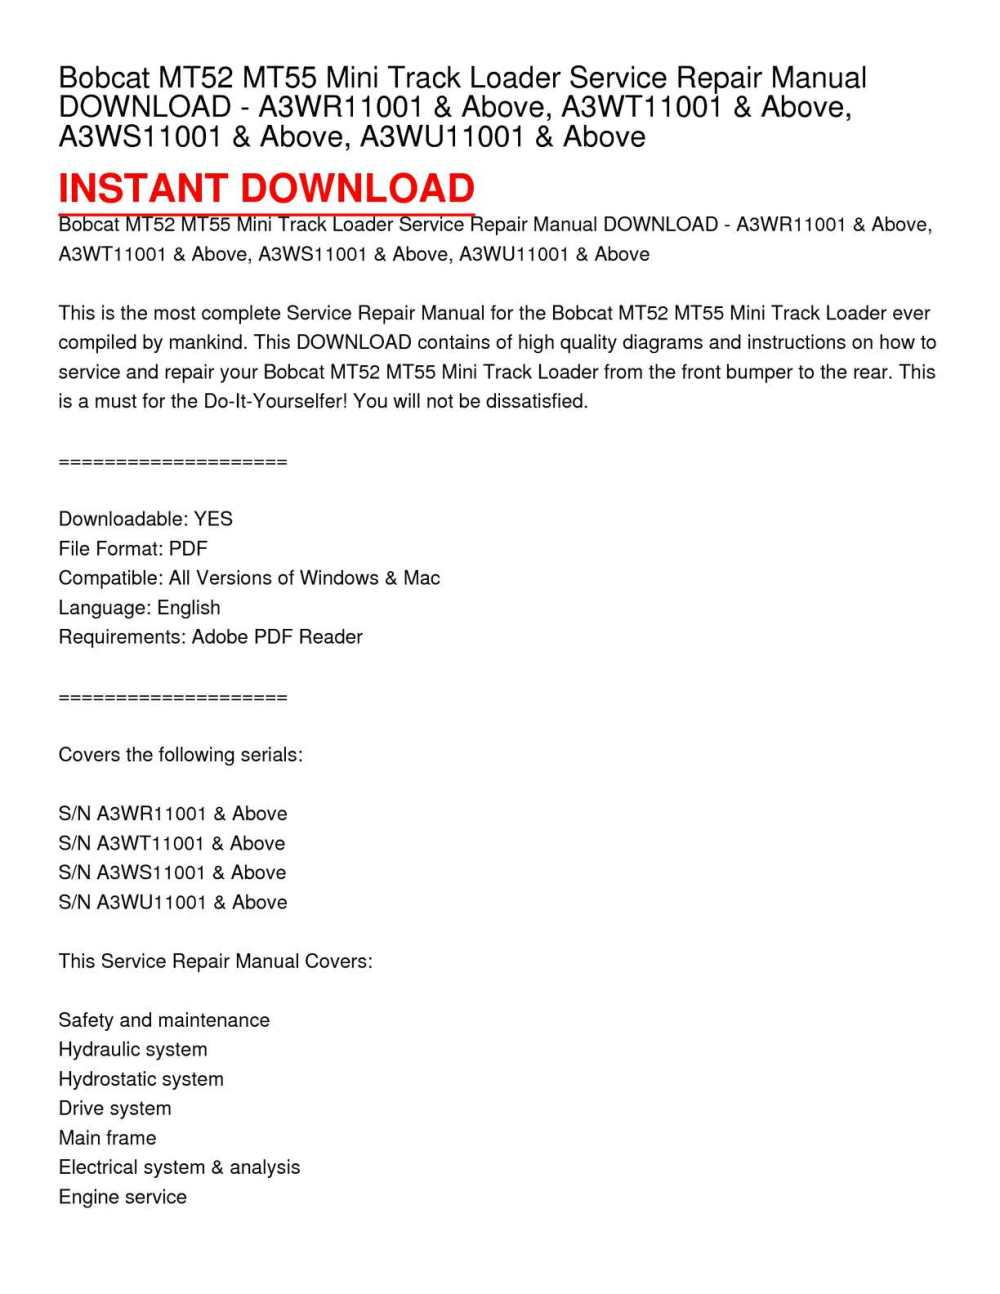 medium resolution of calam o bobcat mt52 mt55 mini track loader service repair manualbobcat mt52 mt55 mini track